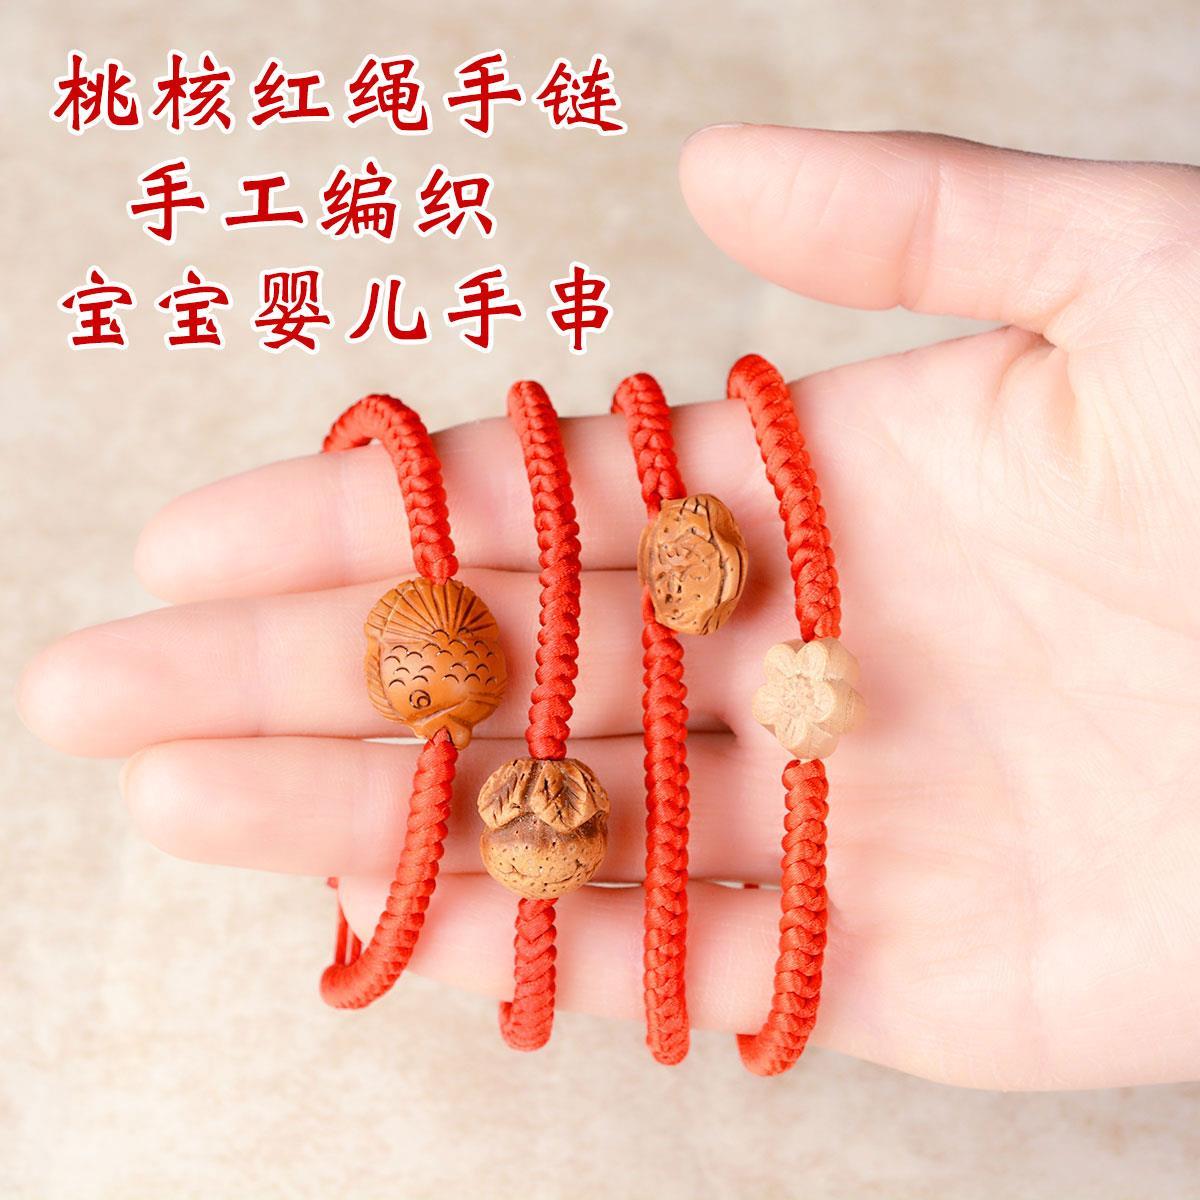 寶寶嬰兒桃核紅繩手鏈桃籃腳鏈兒童手串飾品紅繩手鏈♠極有家♠